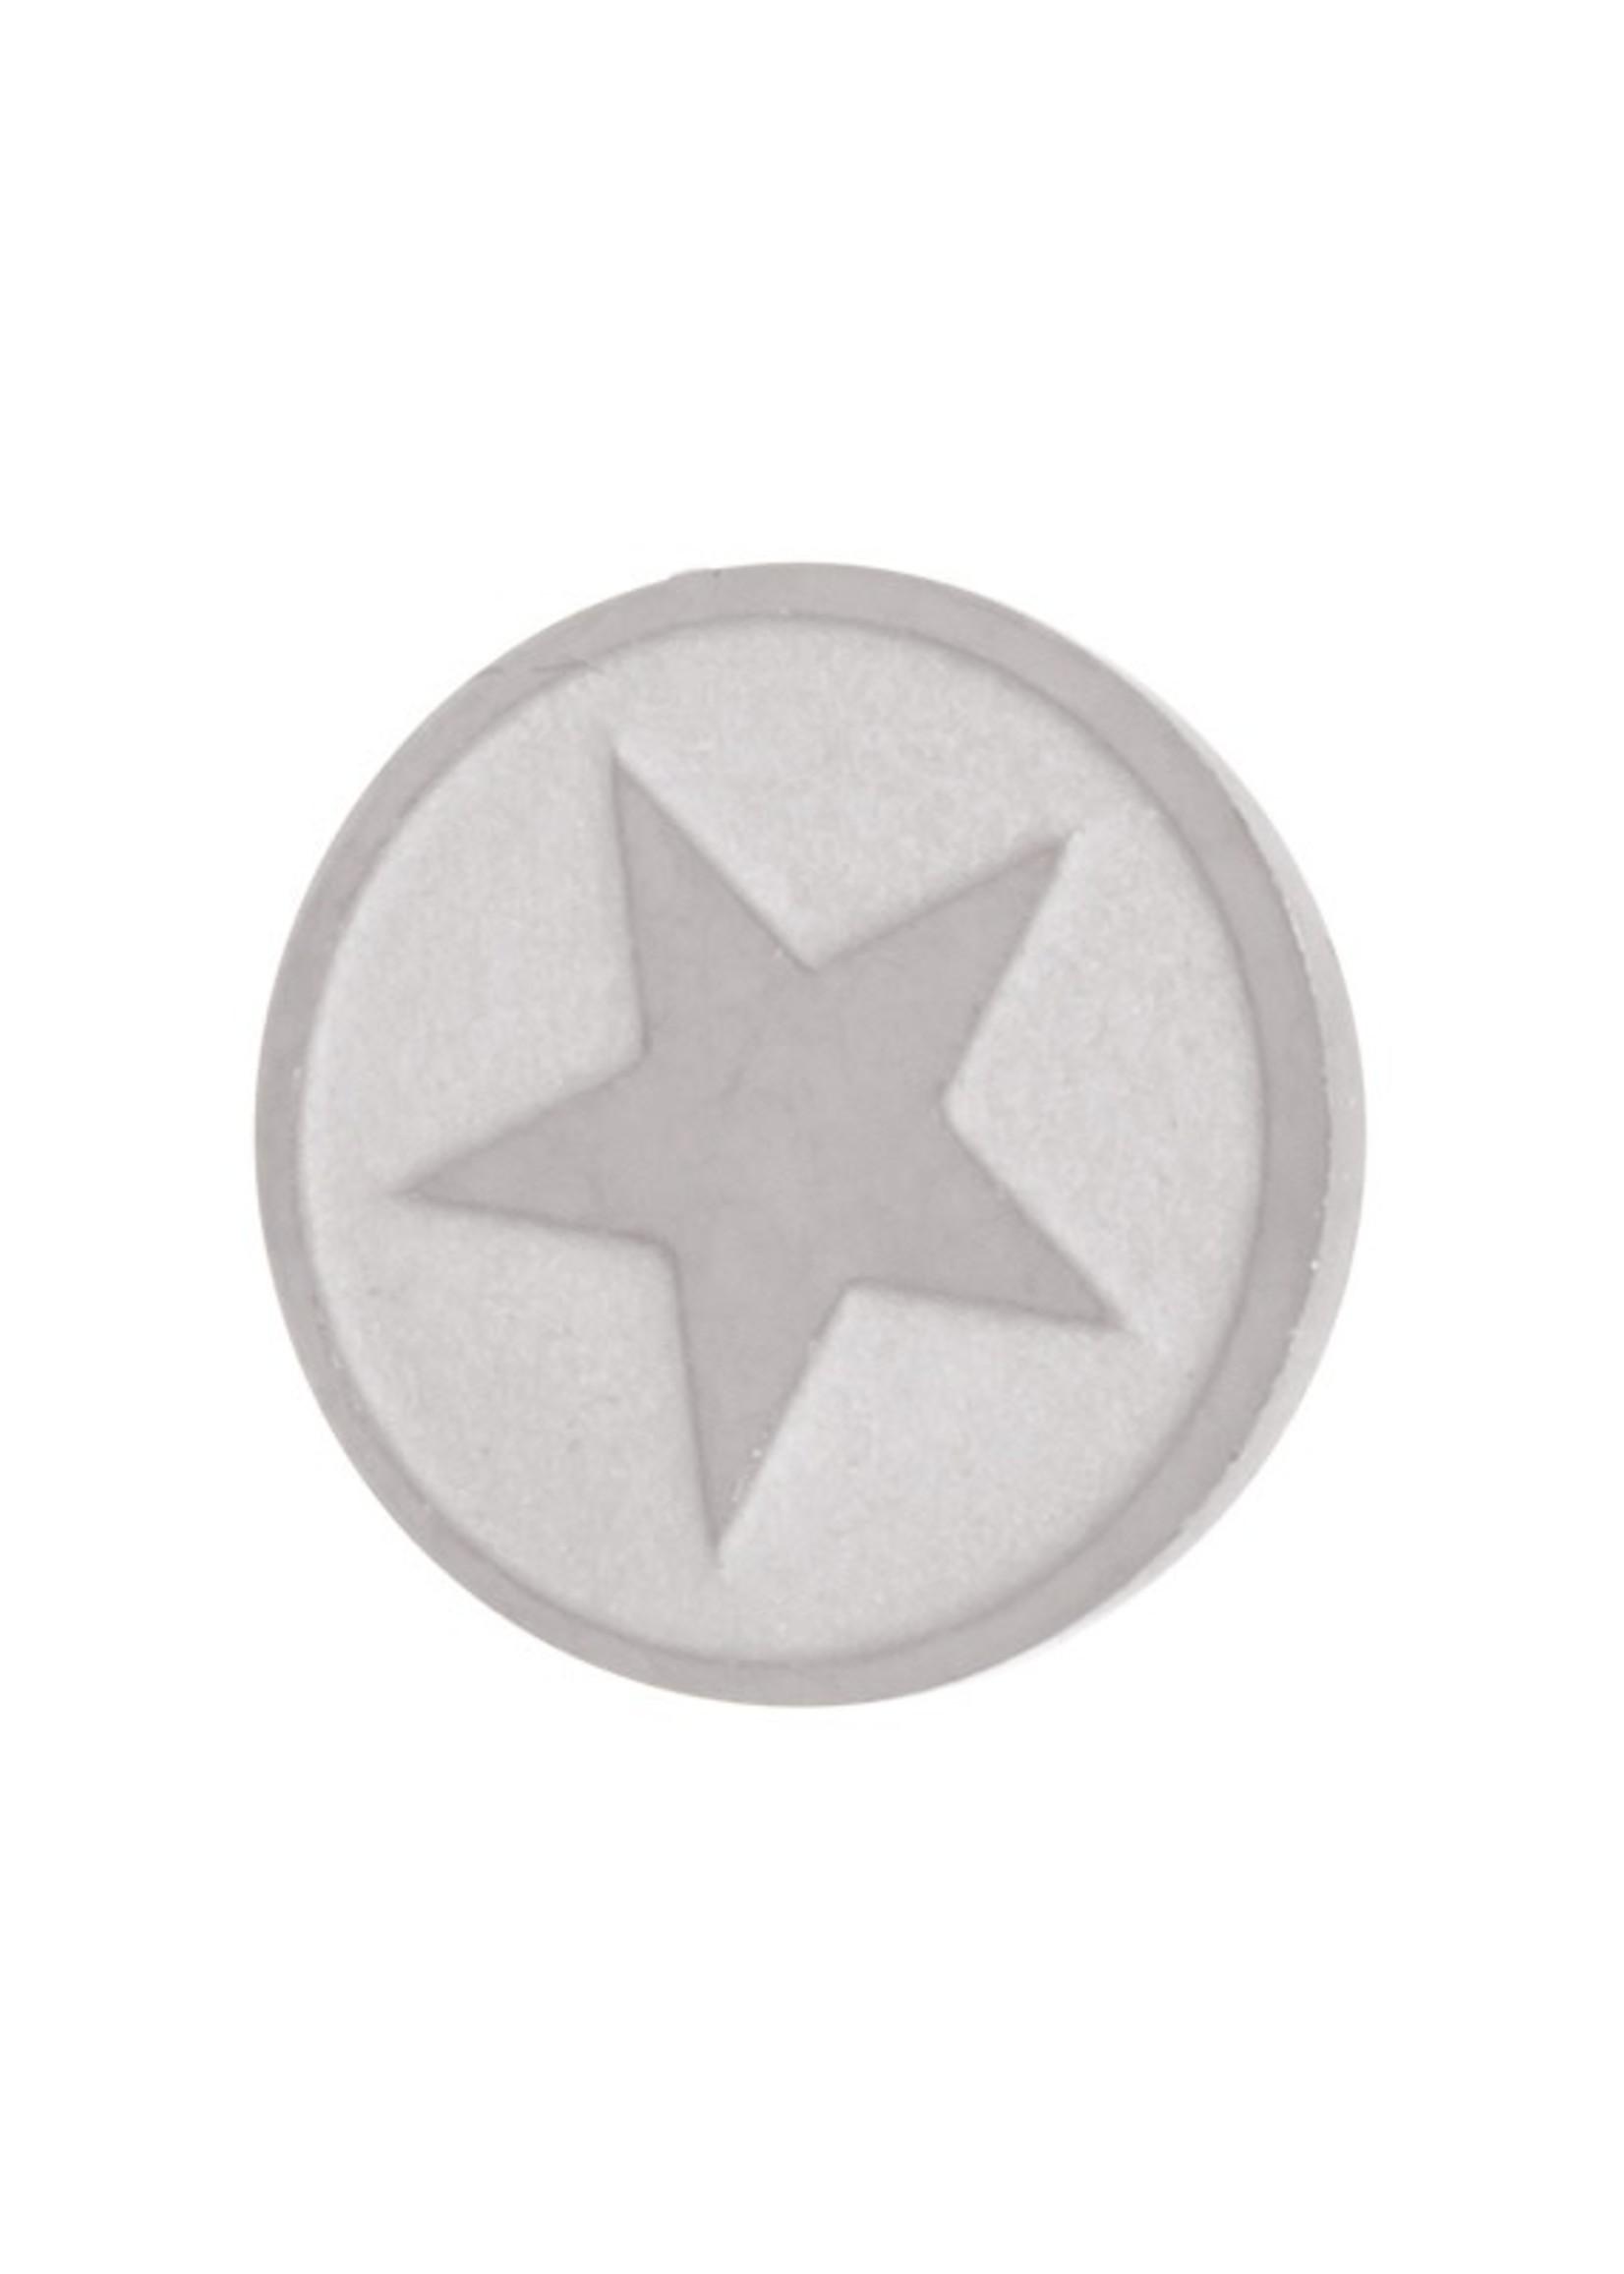 iXXXi Jewelry iXXXi top part star